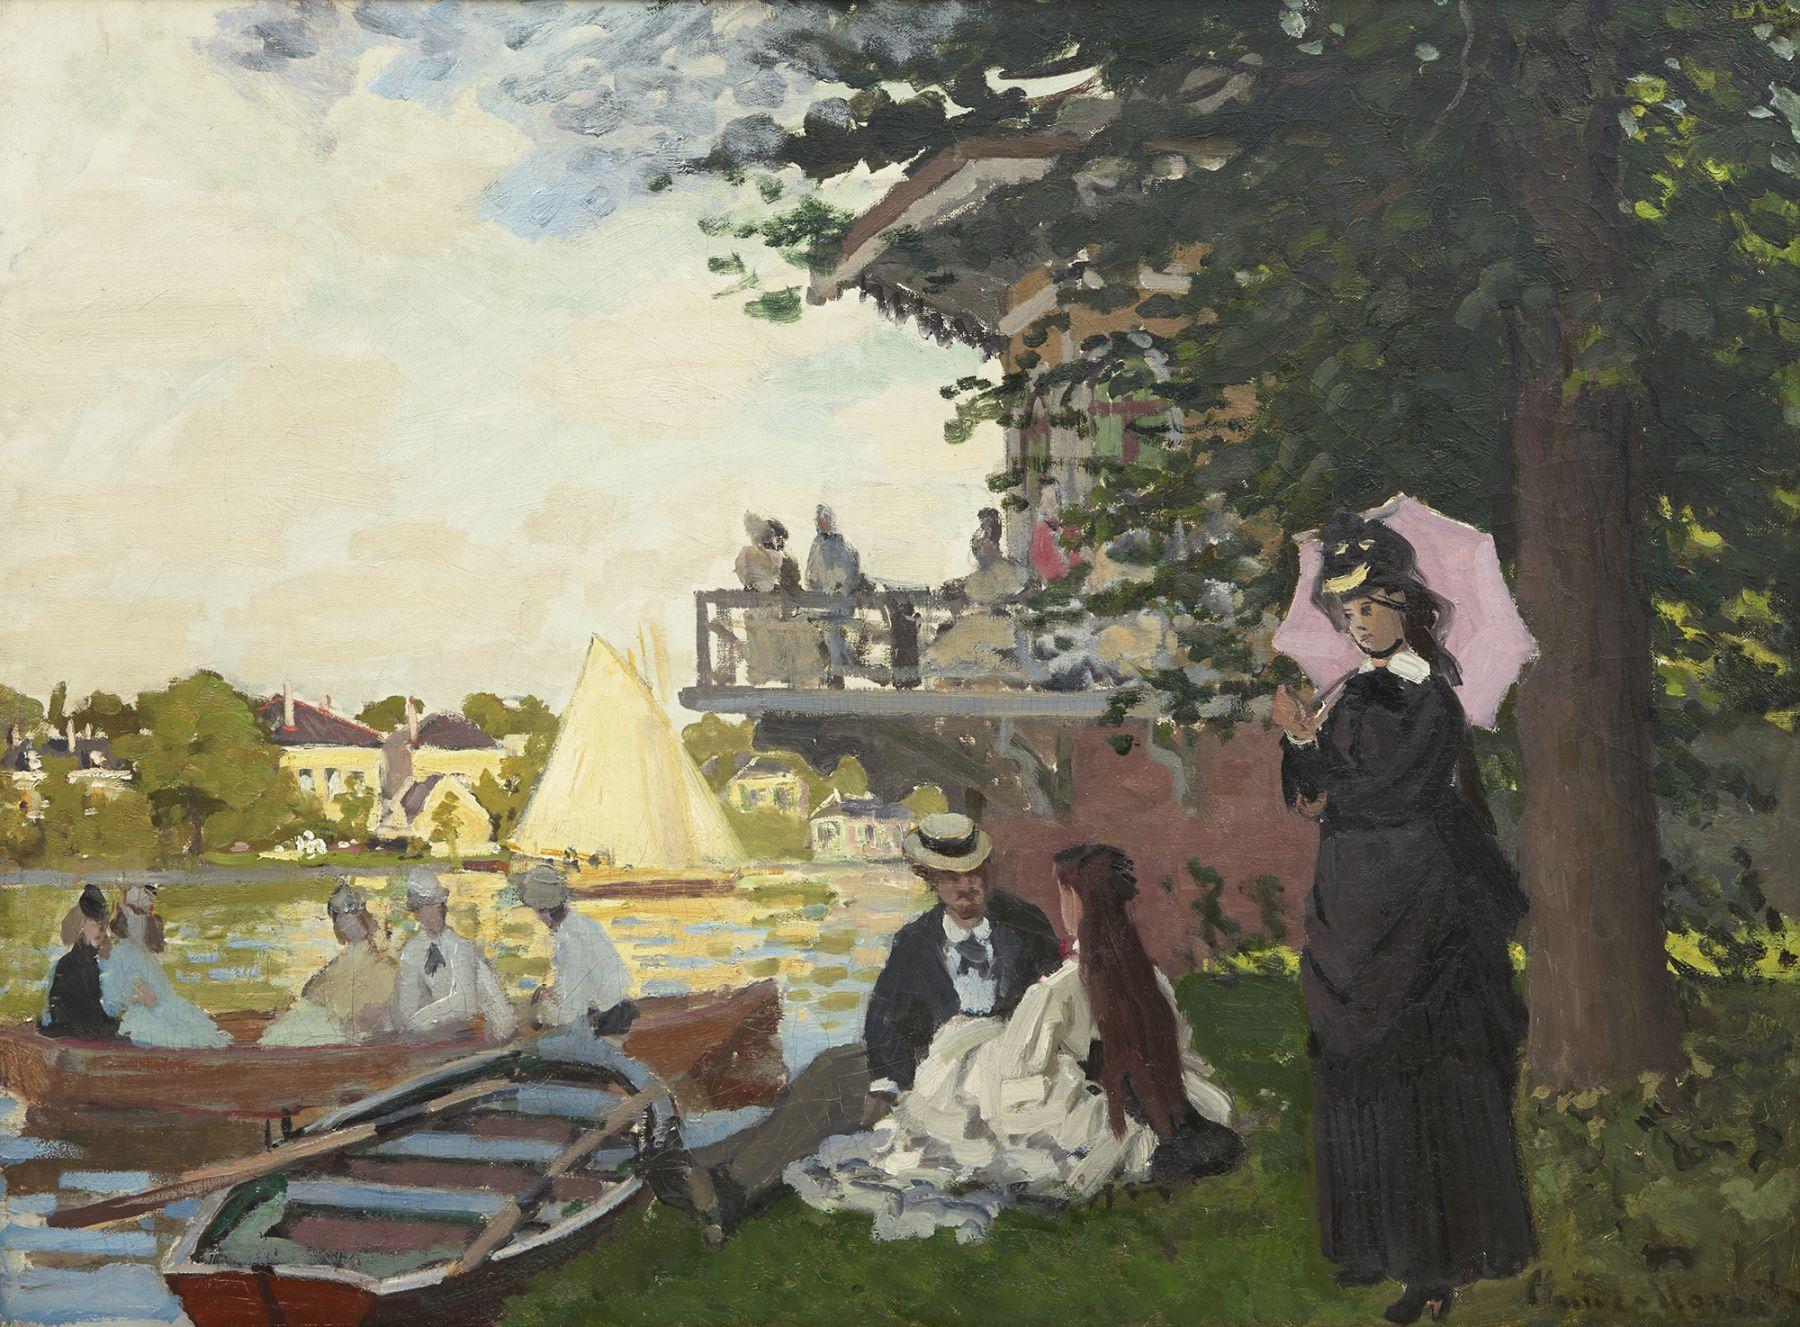 Claude Monet, L'Embarcadère, 1871